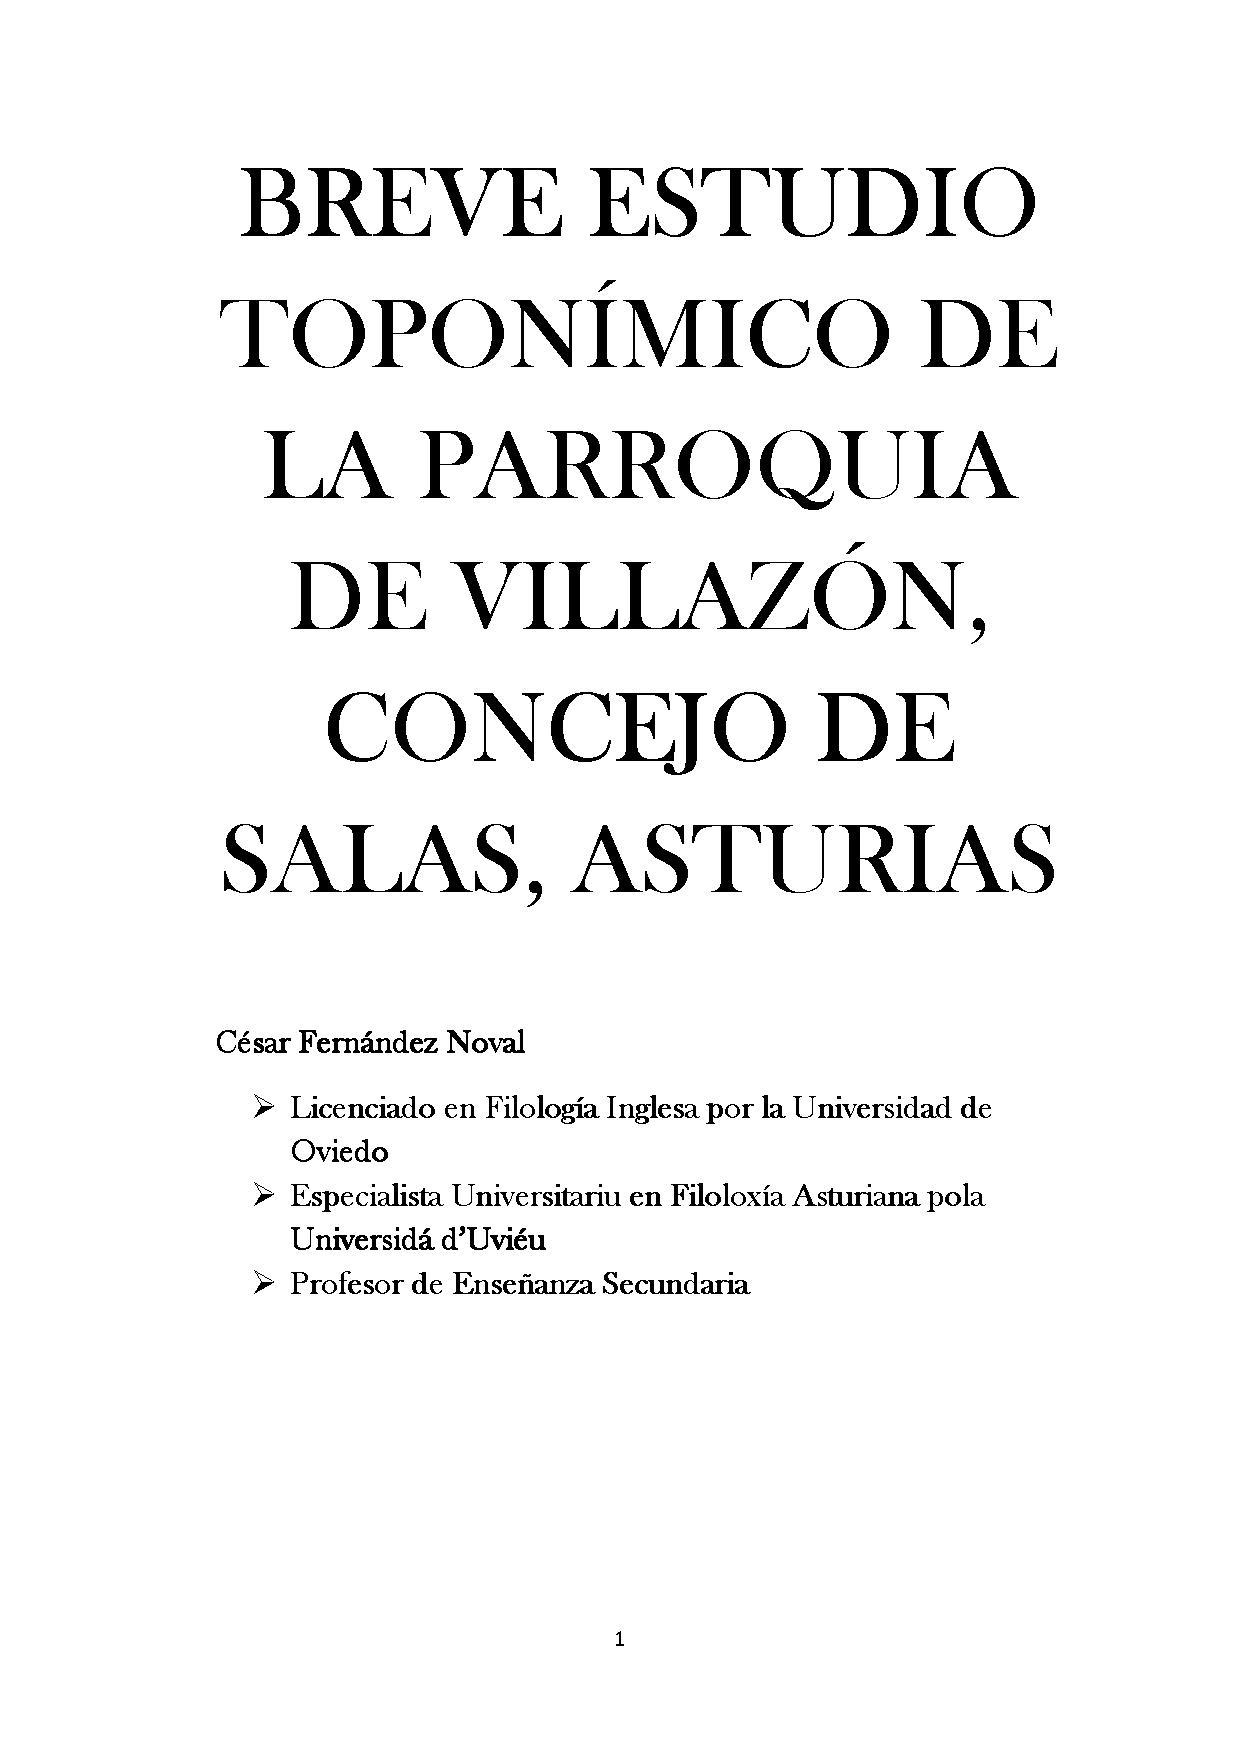 BREVE ESTUDIO TOPONÍMICO DE LA PARROQUIA DE VILLAZÓN, CONCEJO DE SALAS, ASTURIAS